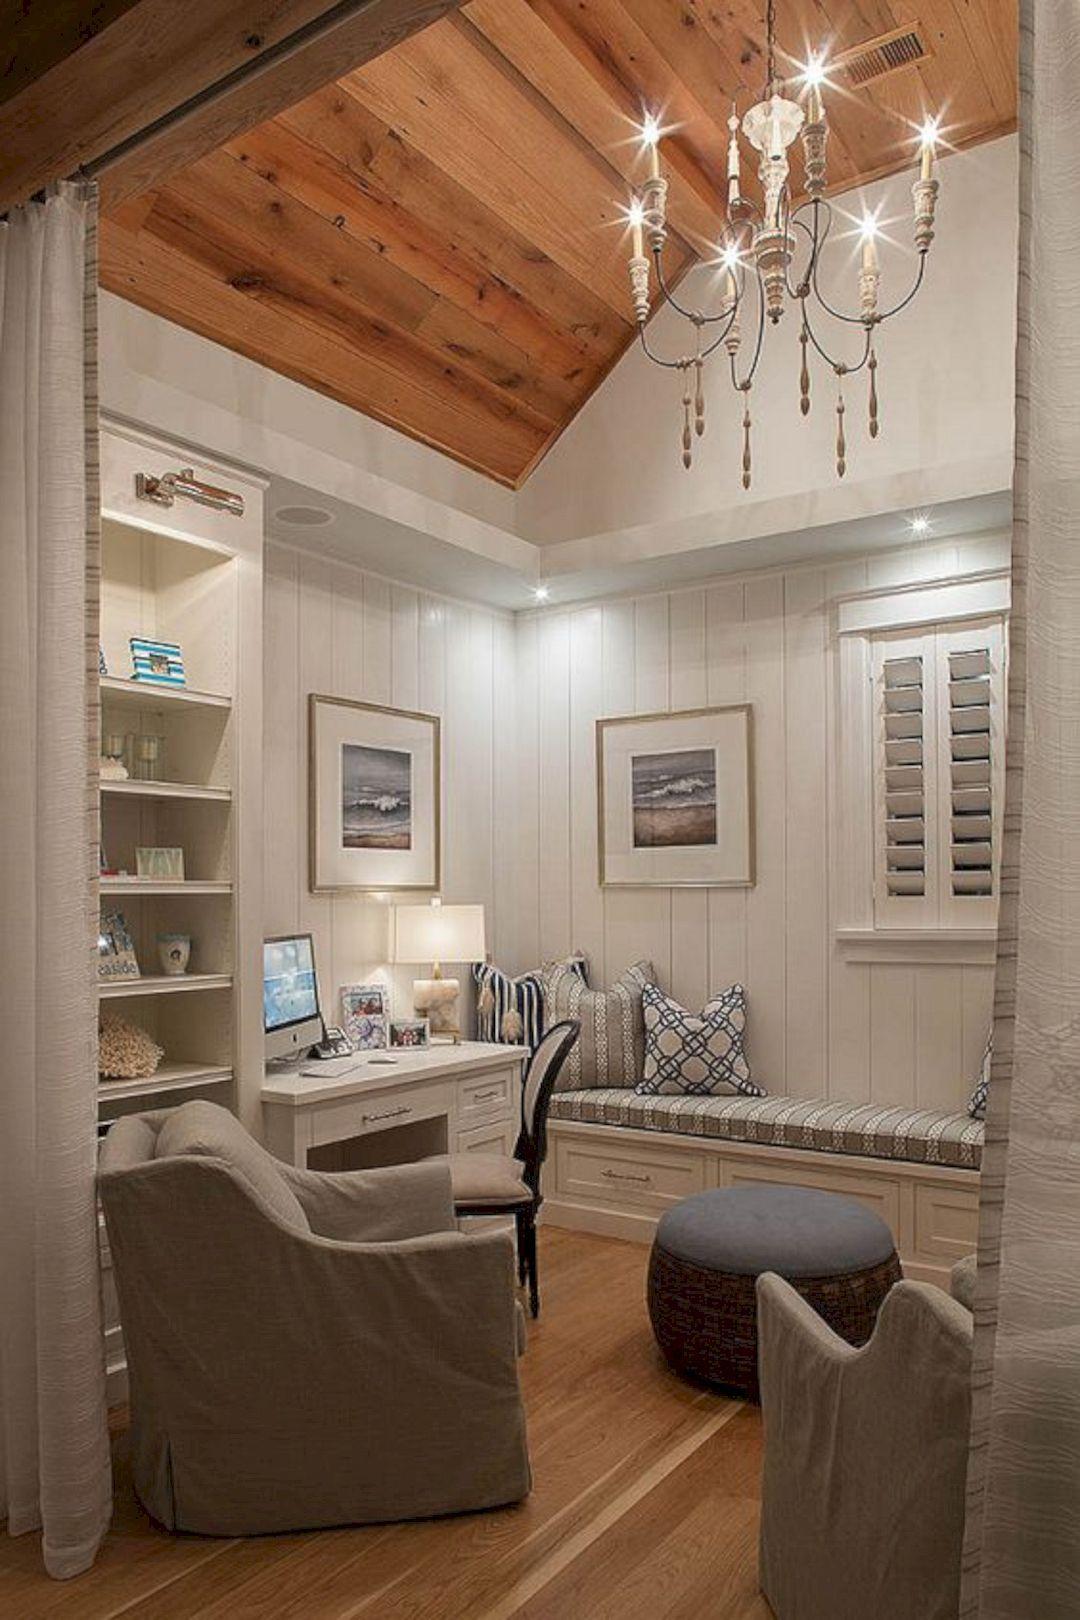 16 Small Cottage Interior Design Ideas Small Cottage Interiors Cozy Home Office Cottage Interiors